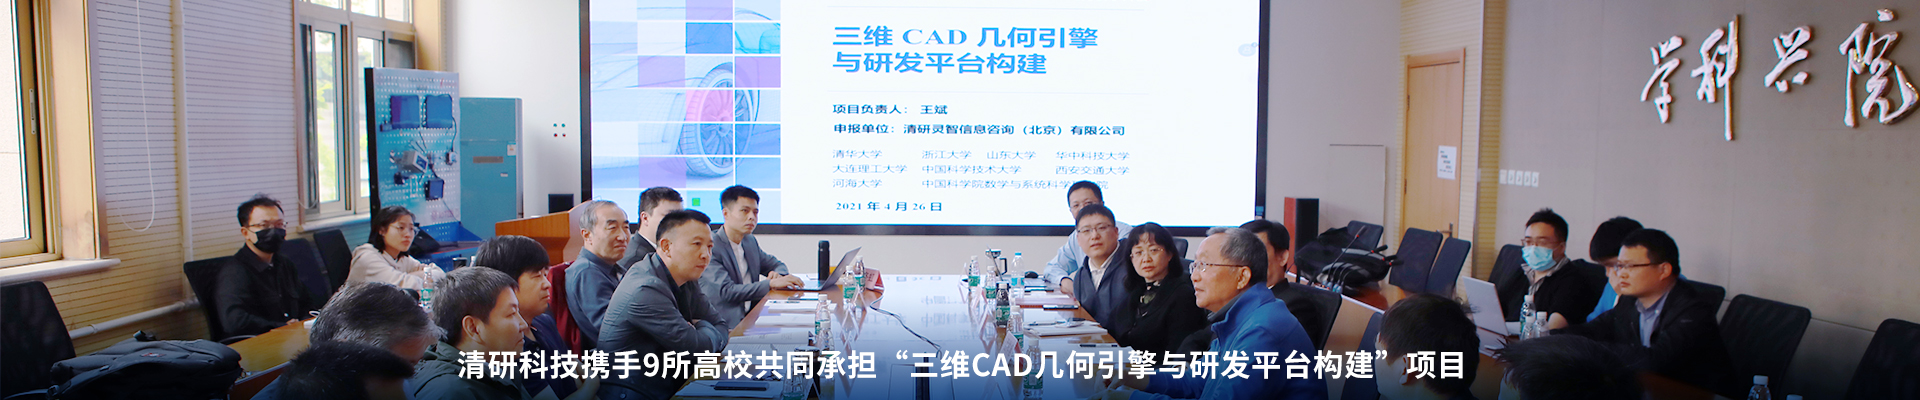 """清研联合九大高校共同承担""""三维CAD几何引擎与研发平台构建""""项目"""